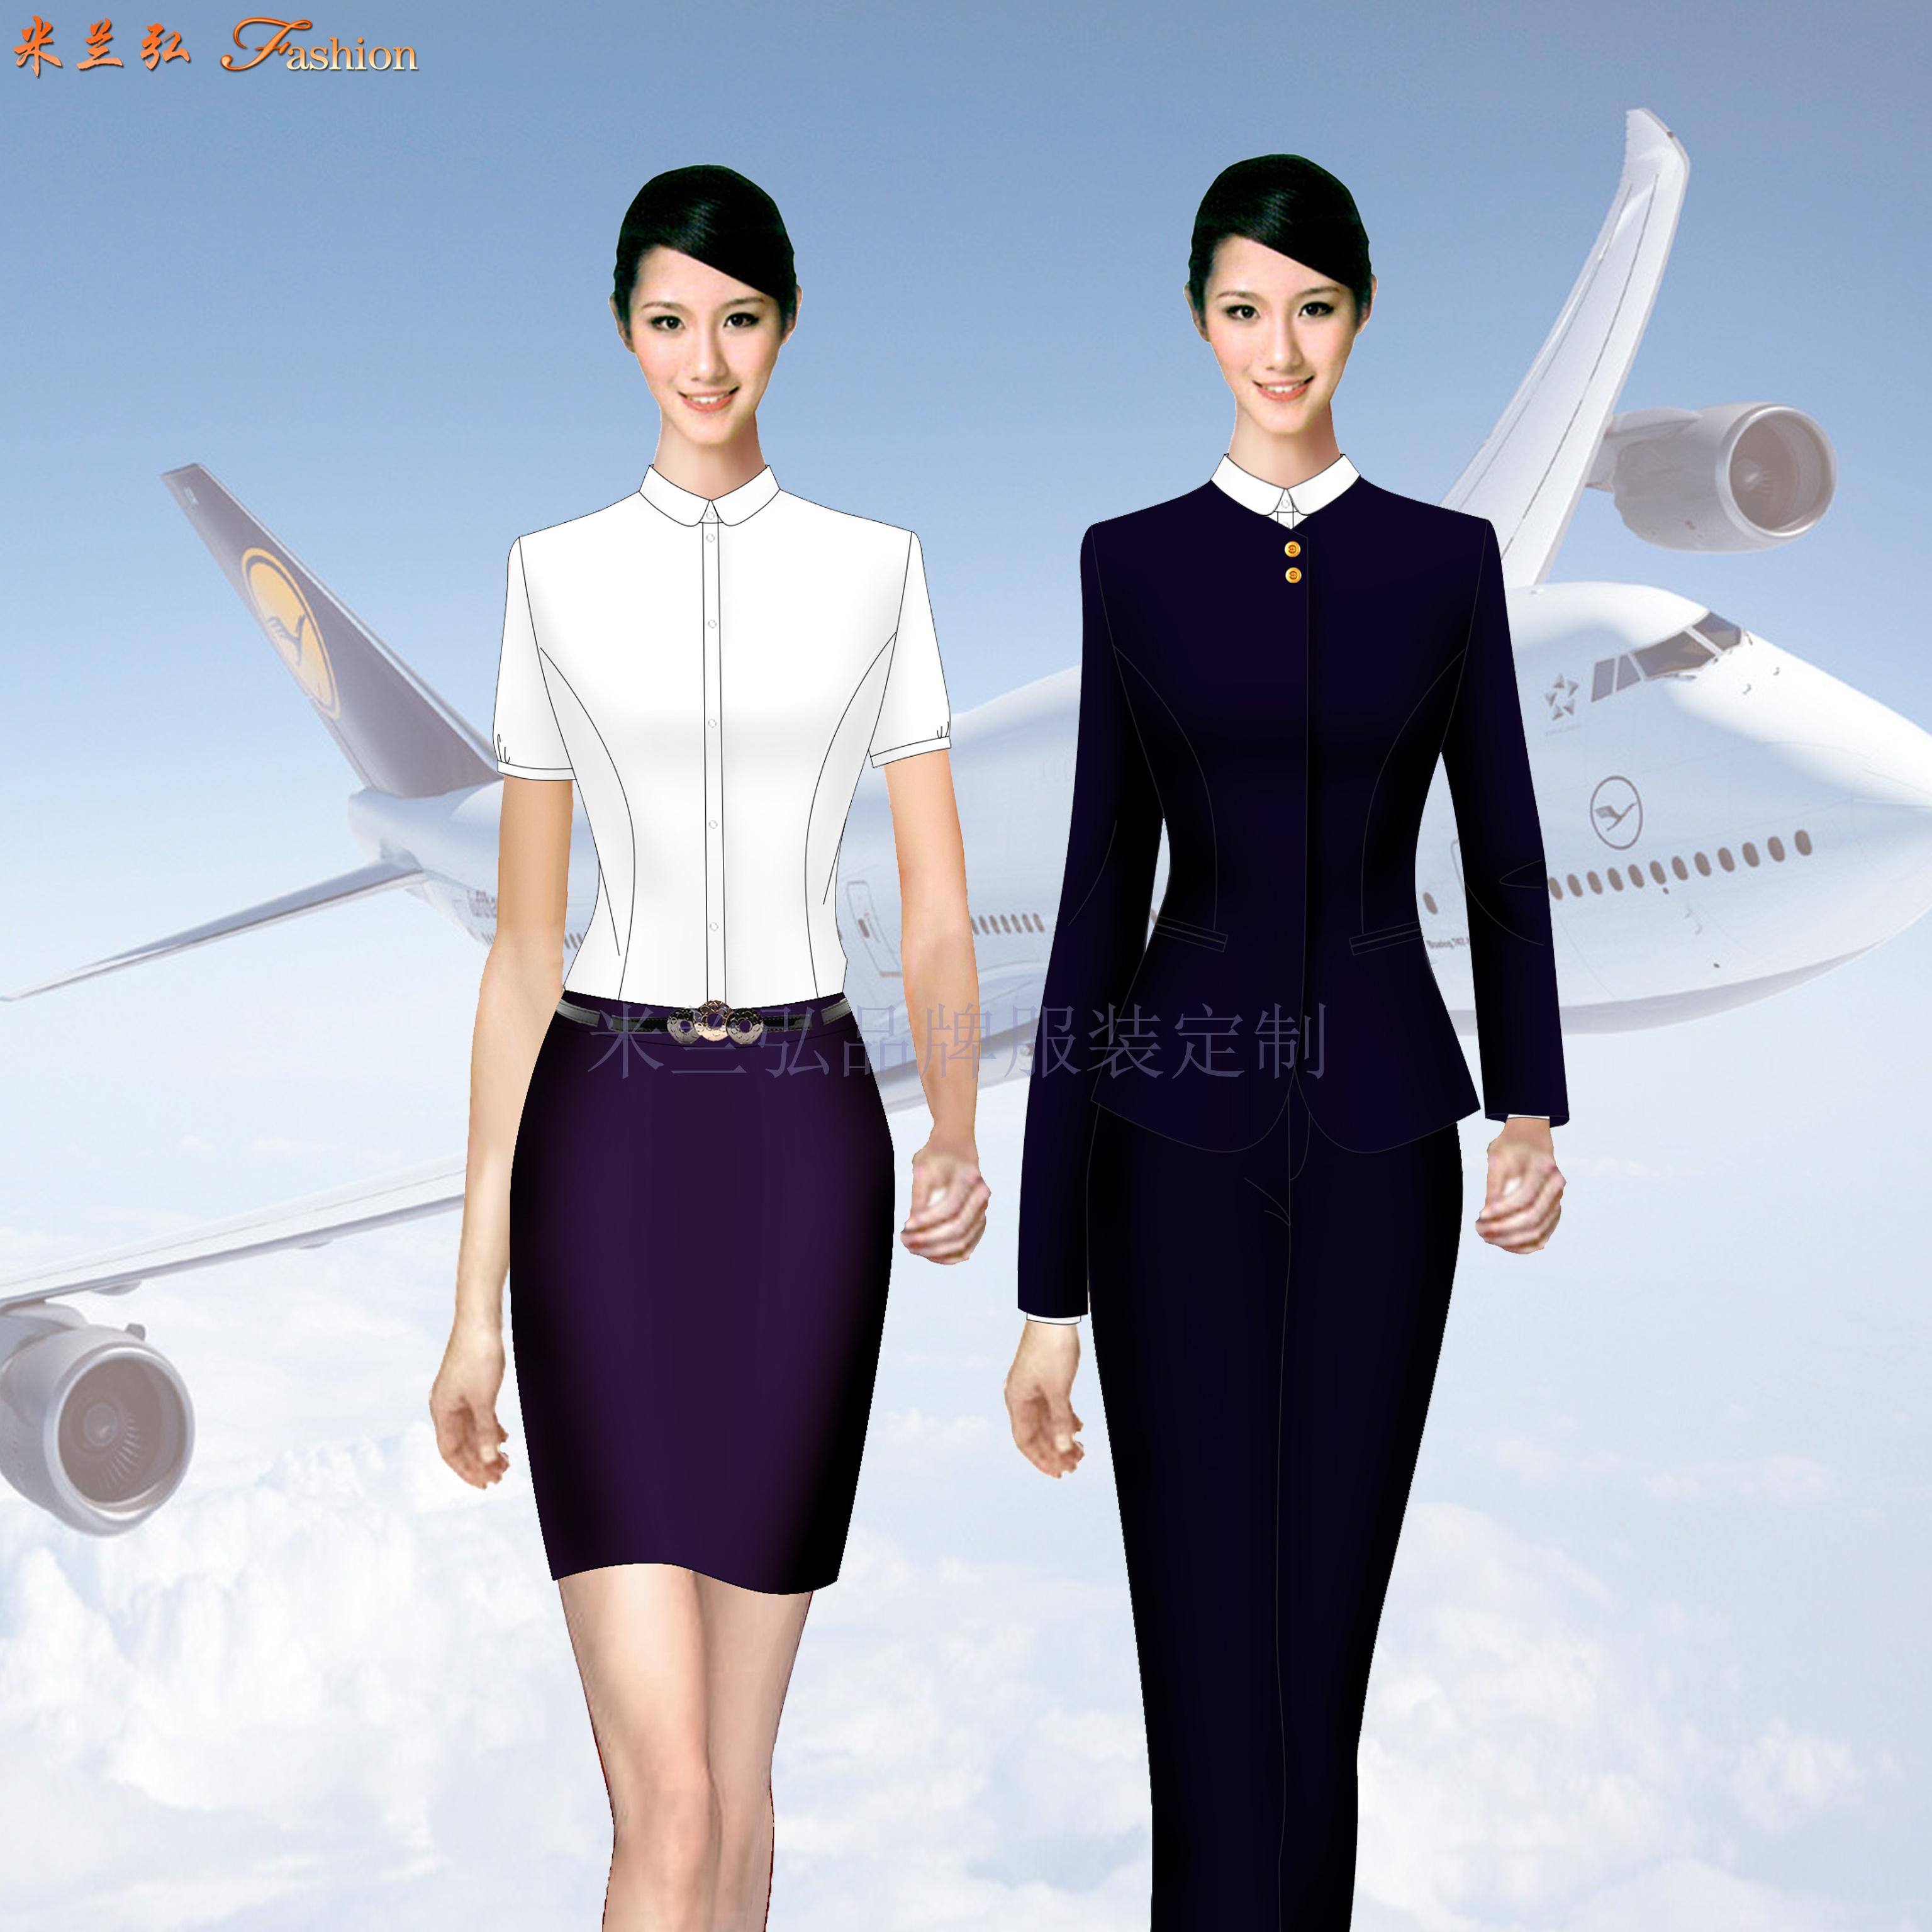 江西機場地勤服裝-機場職業裝定制-米蘭弘服裝-5